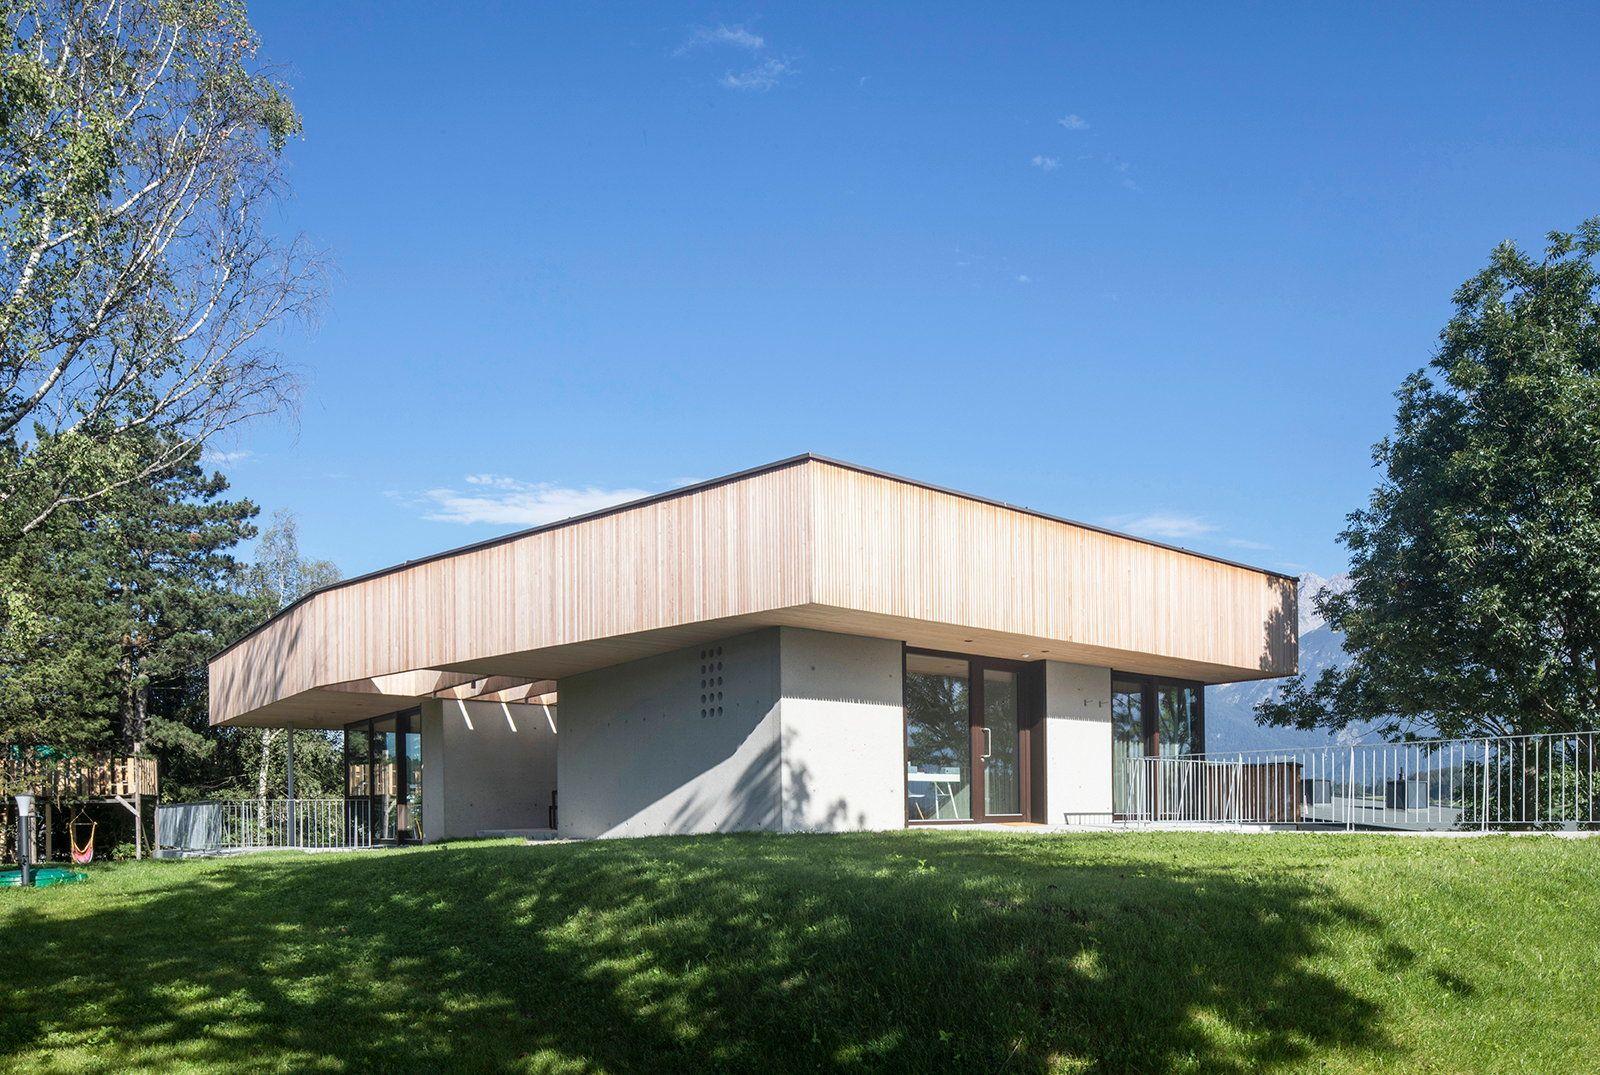 haus mit hut einfamilienhaus in tirol von ao architekten tyrol and haus. Black Bedroom Furniture Sets. Home Design Ideas